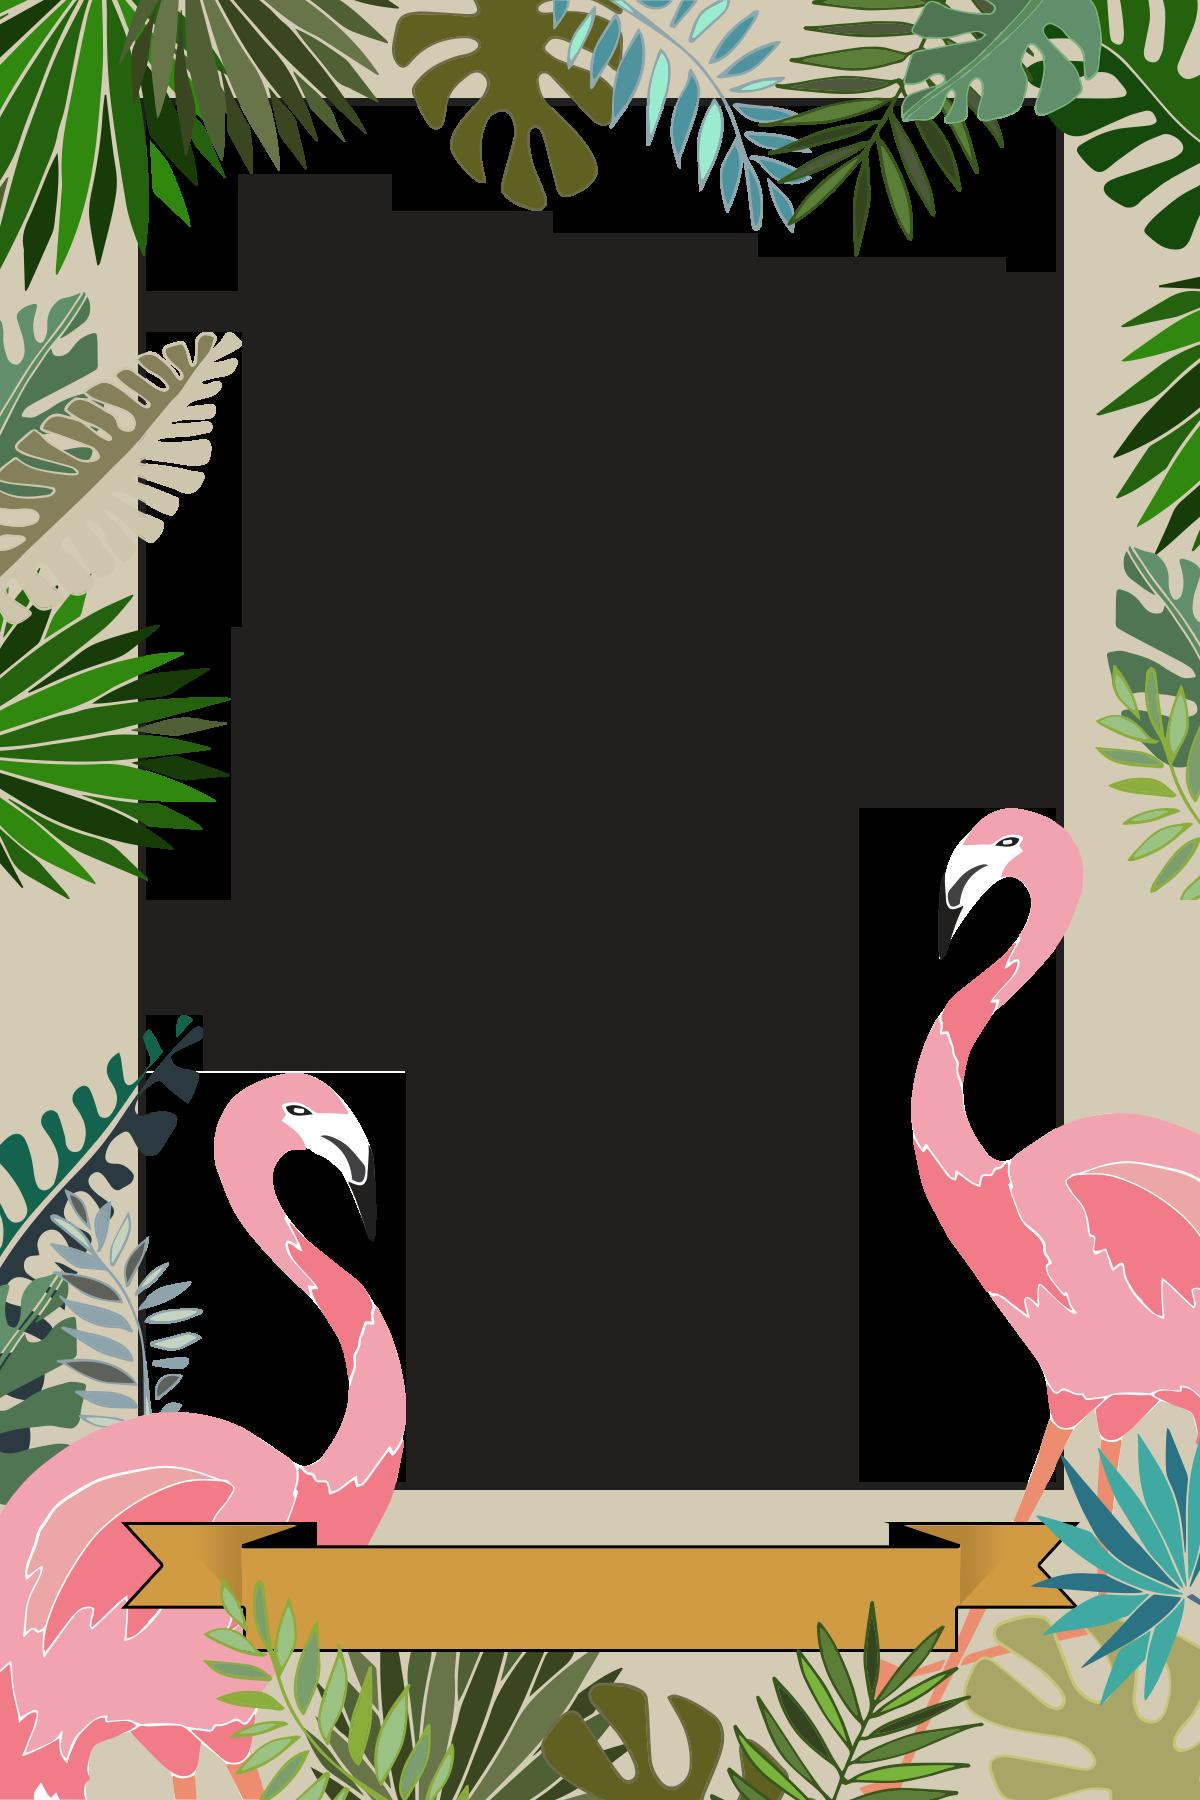 flamingoV.png